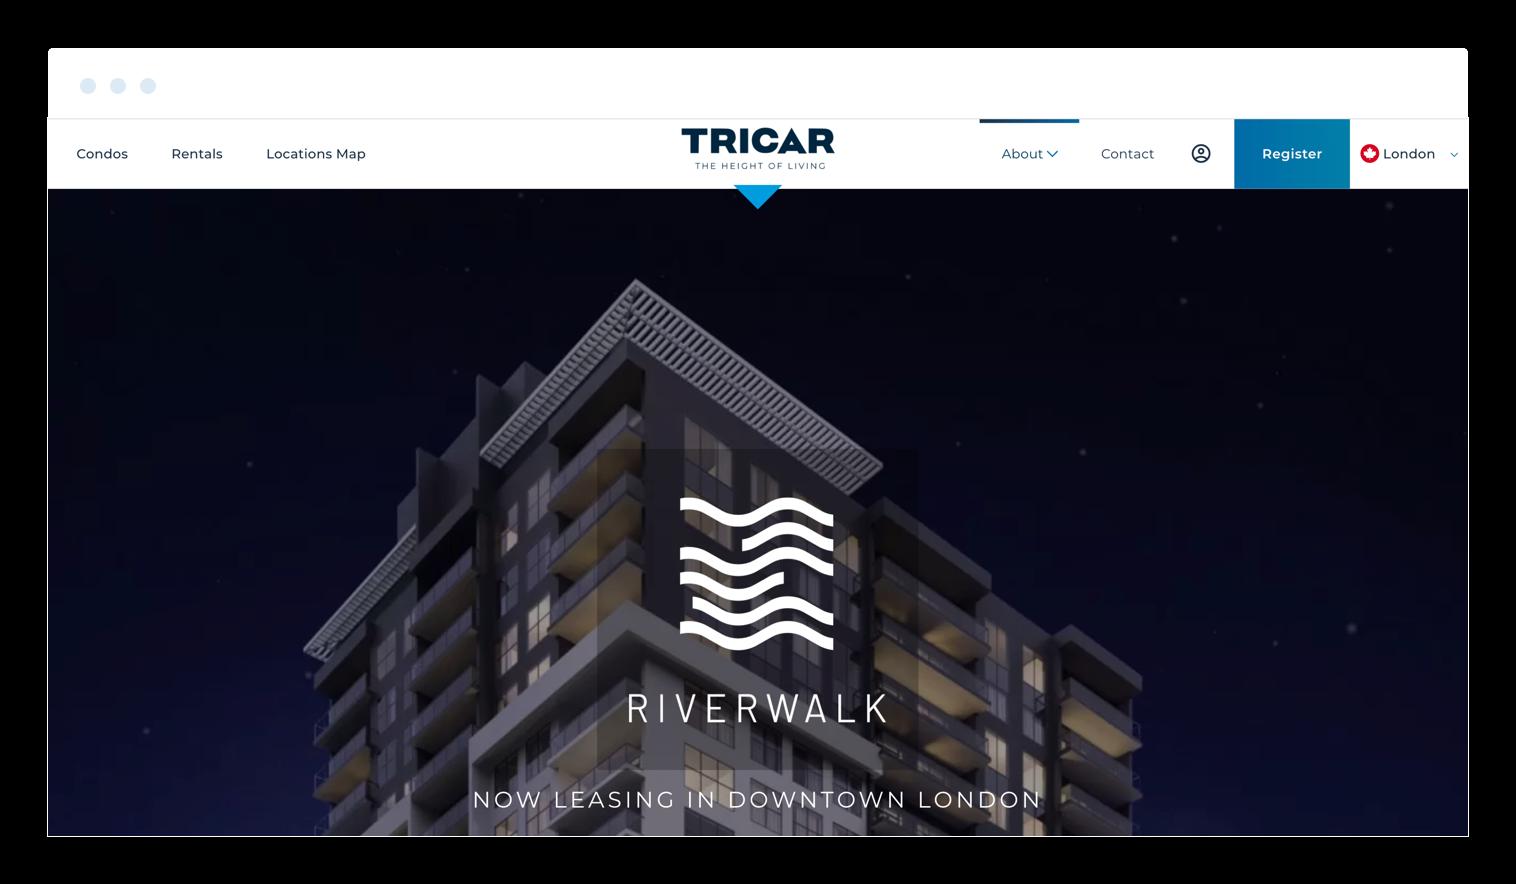 Tricar new nav